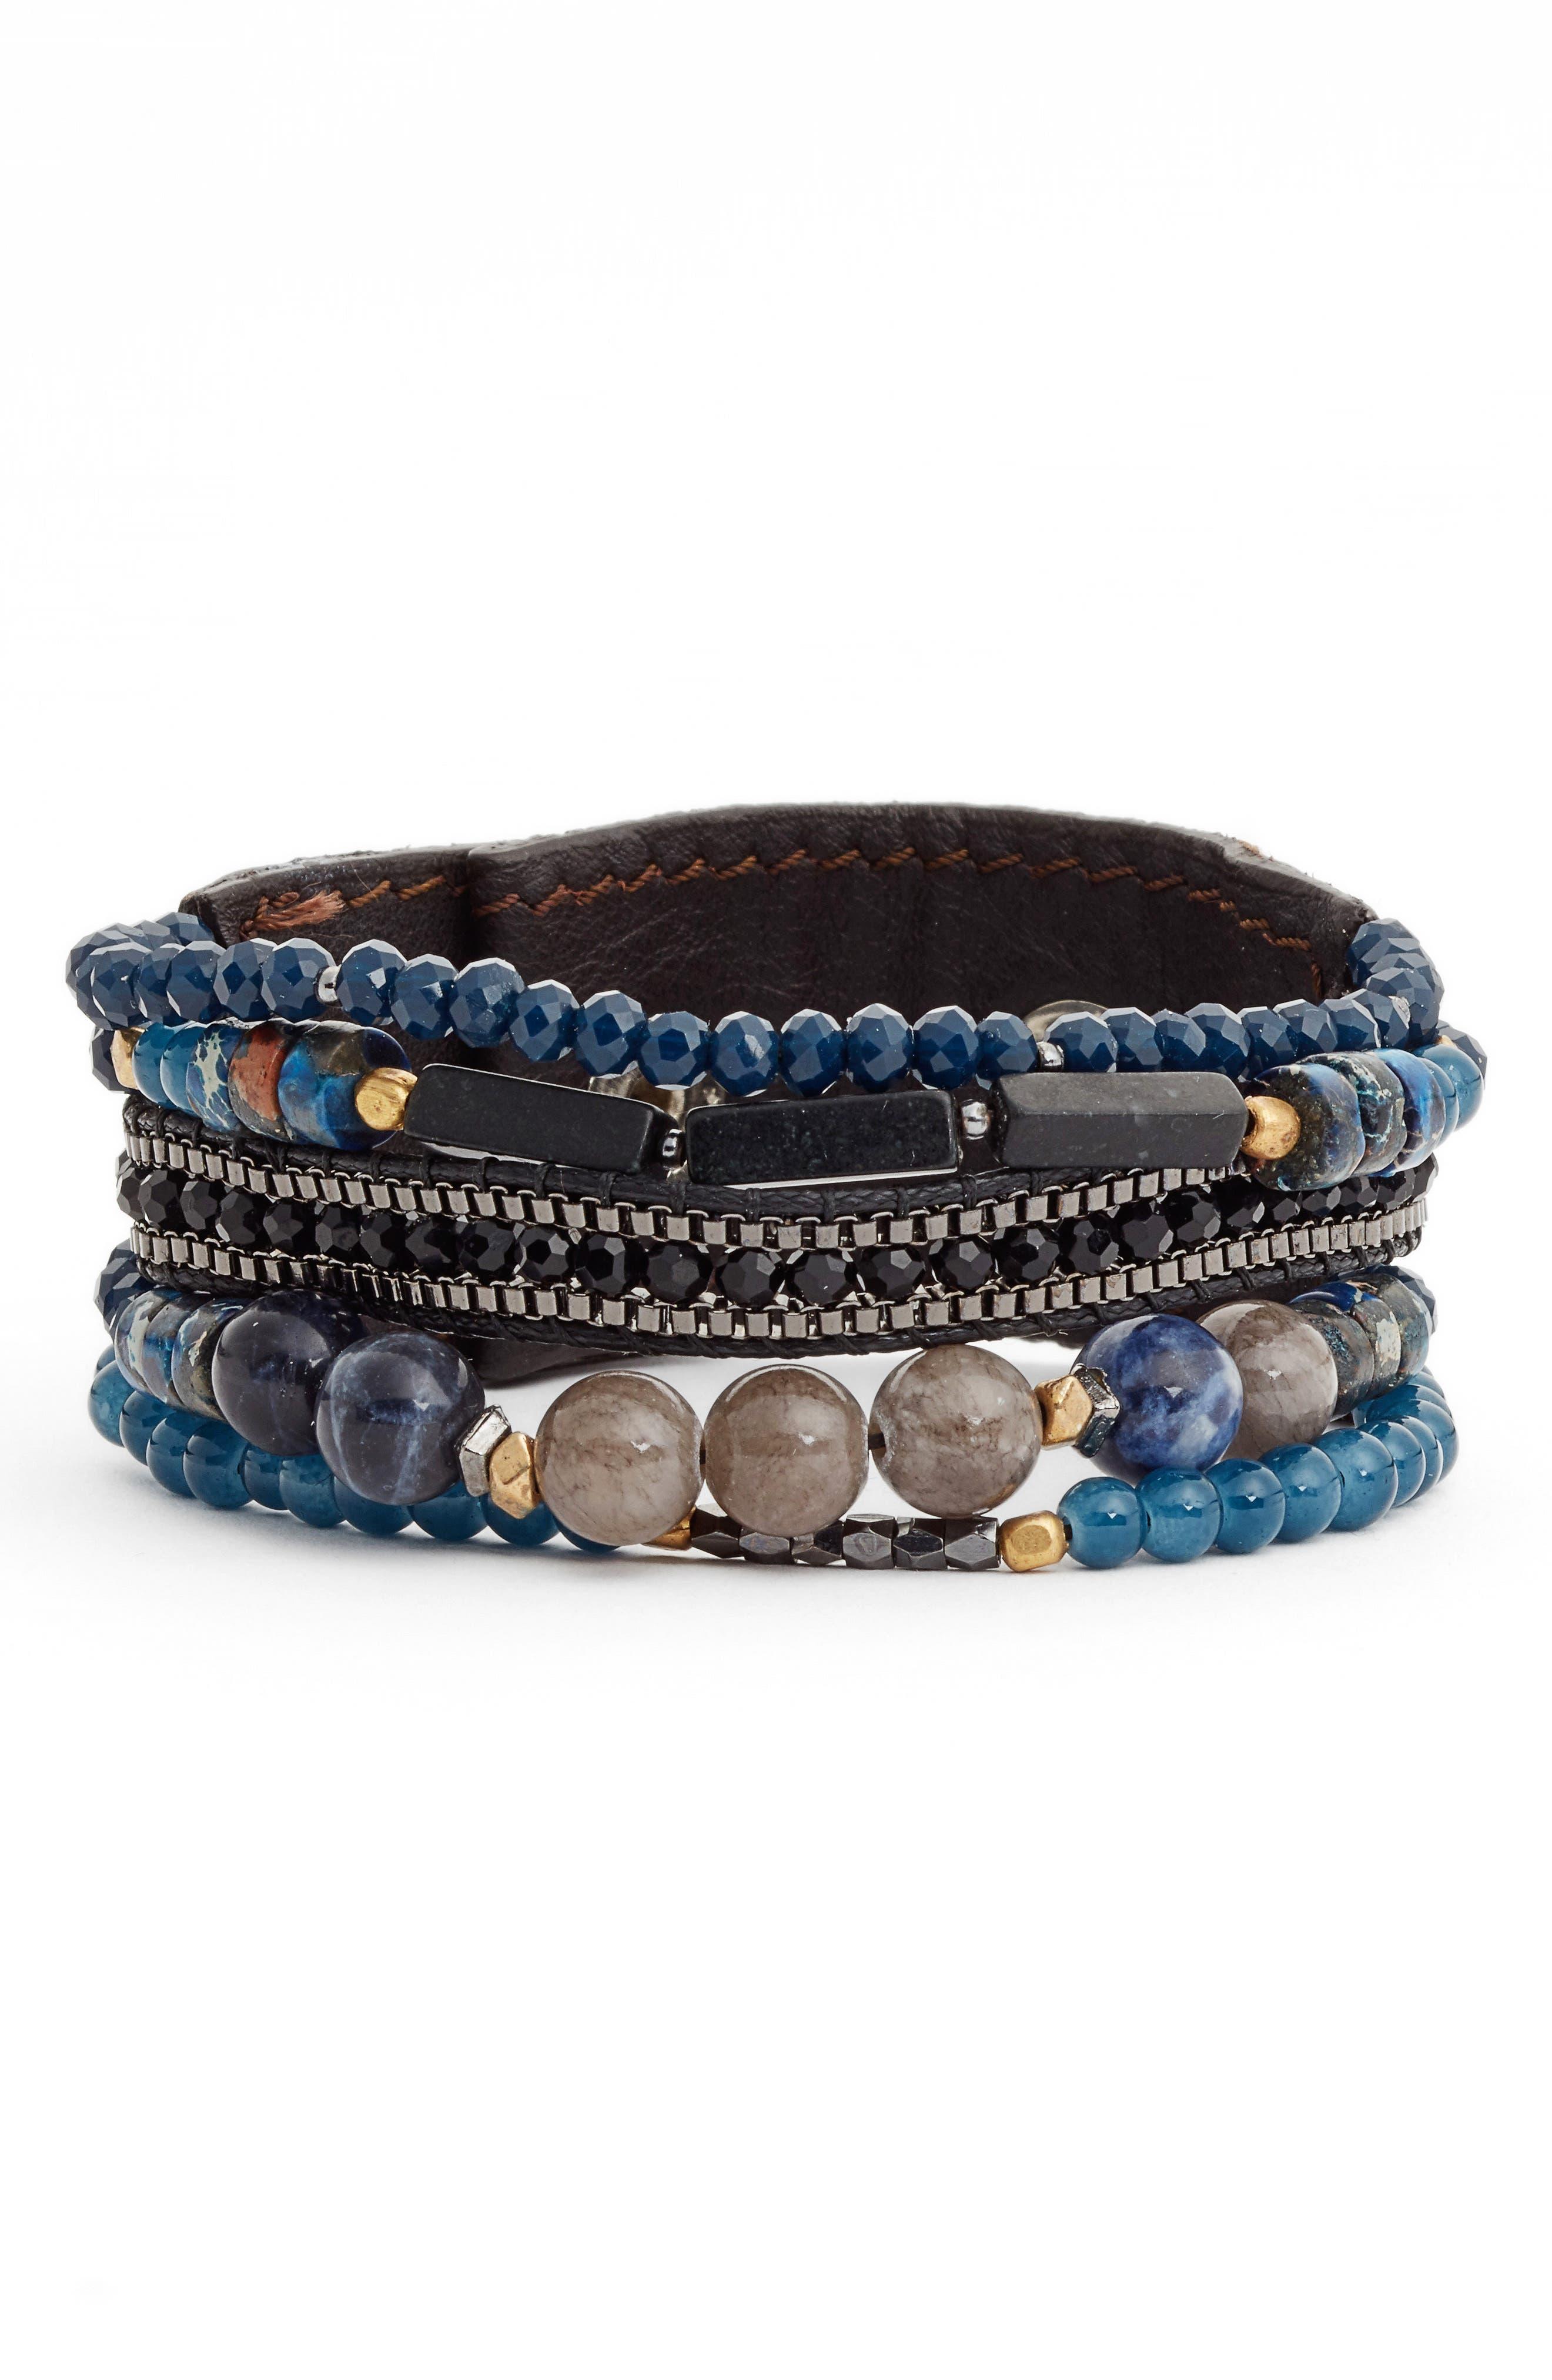 Main Image - Nakamol Design Leather, Agate & Lapis Bracelet